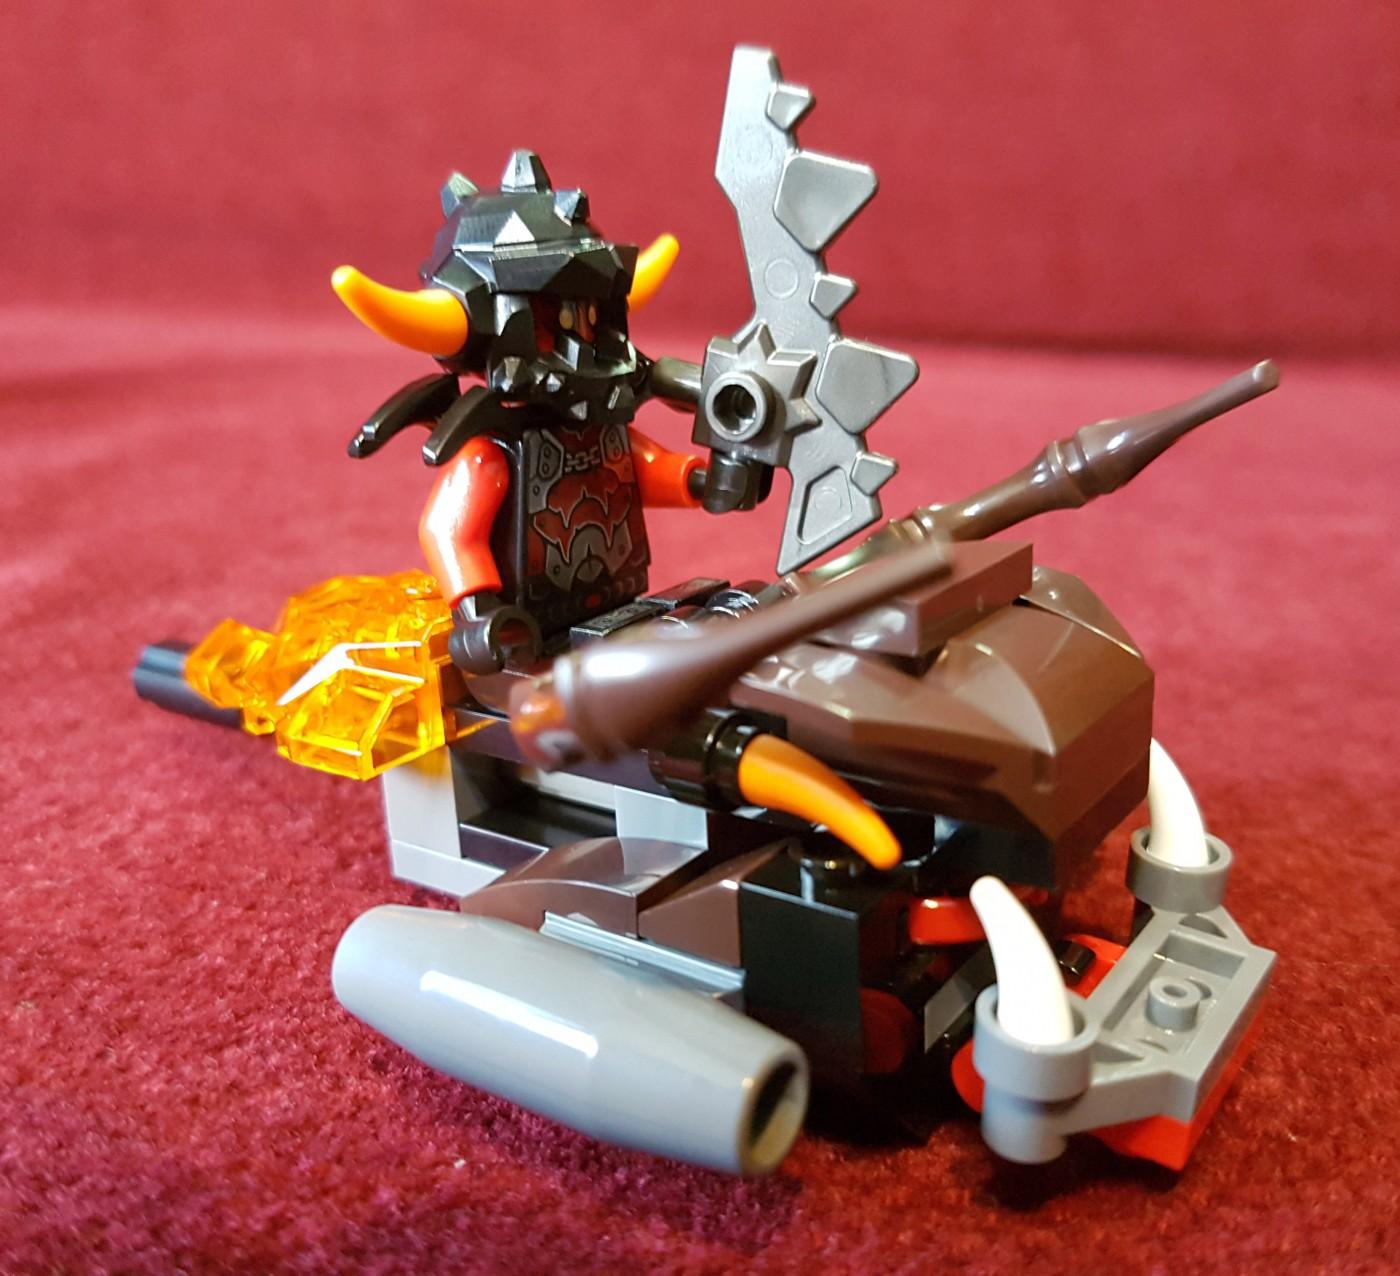 Lego_fortrex5